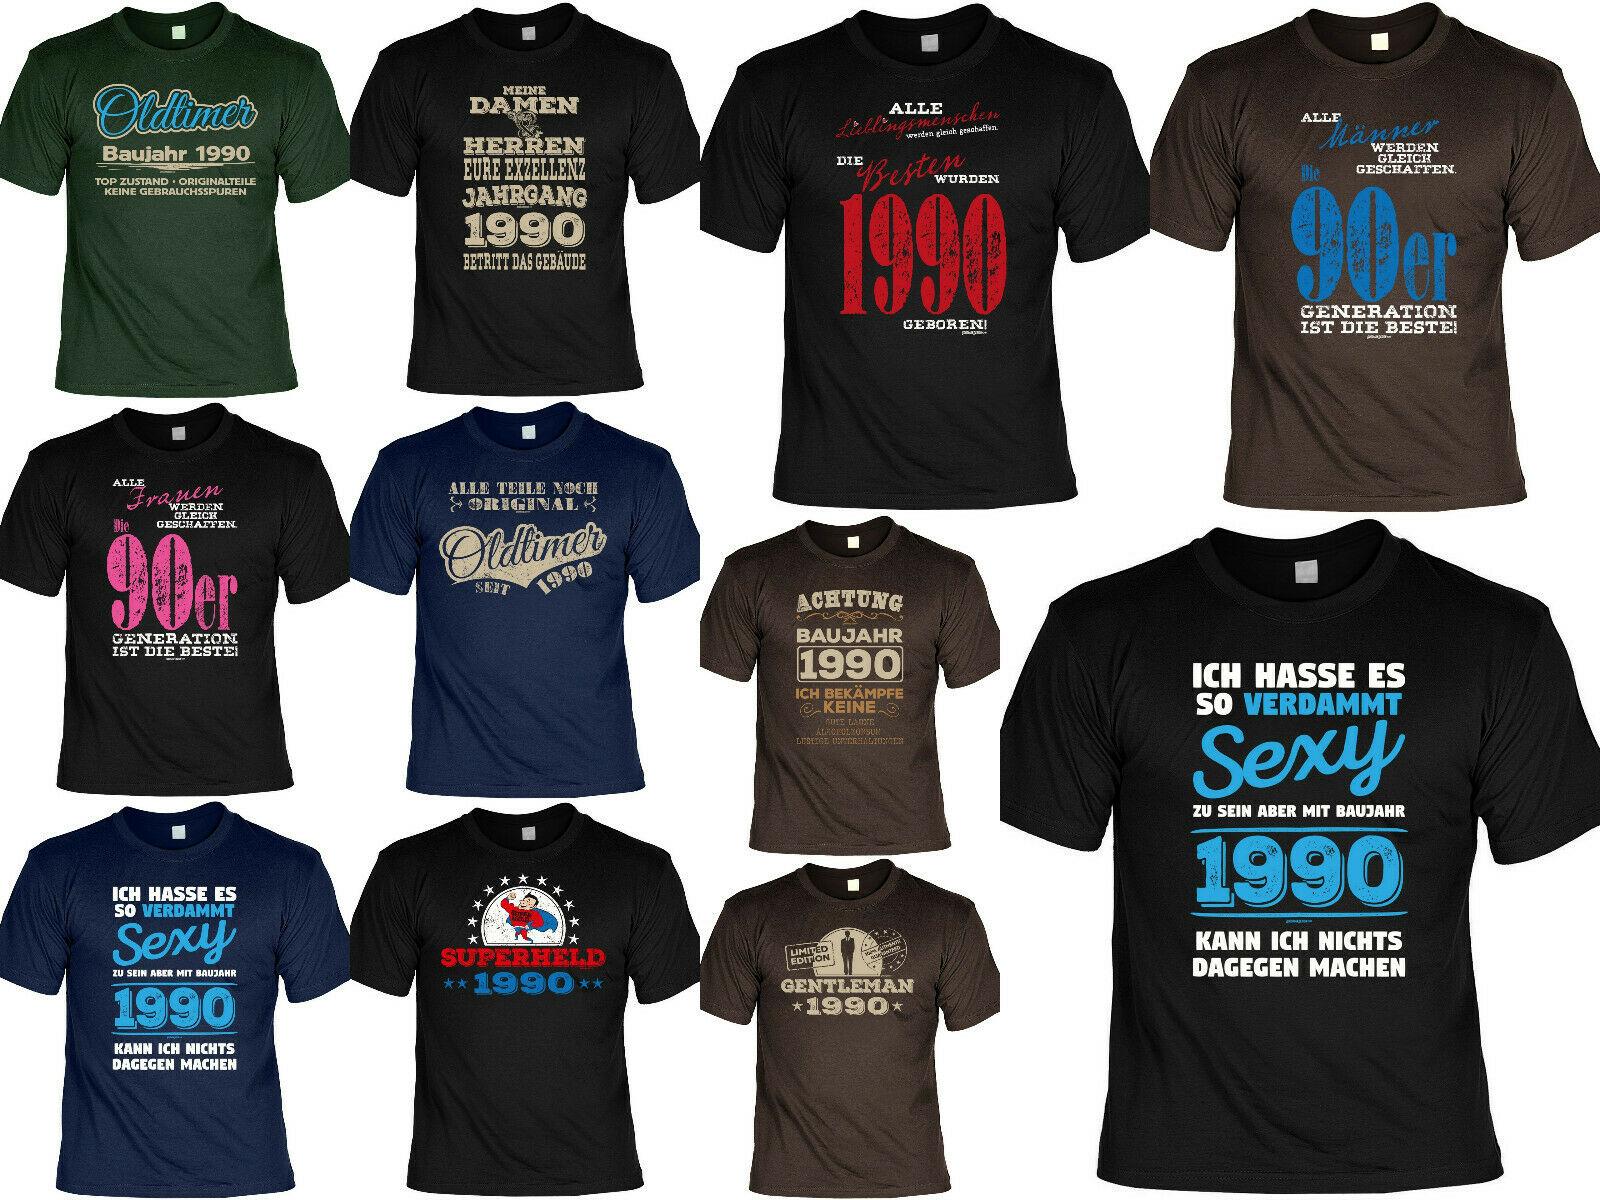 Full Size of 30geburtstag Sprche T Shirt 30 Jahre Motive Geburtstag Coole Sprüche Lustige T Shirt Betten Wandtattoo Wandtattoos Jutebeutel Küche Coole T Shirt Sprüche